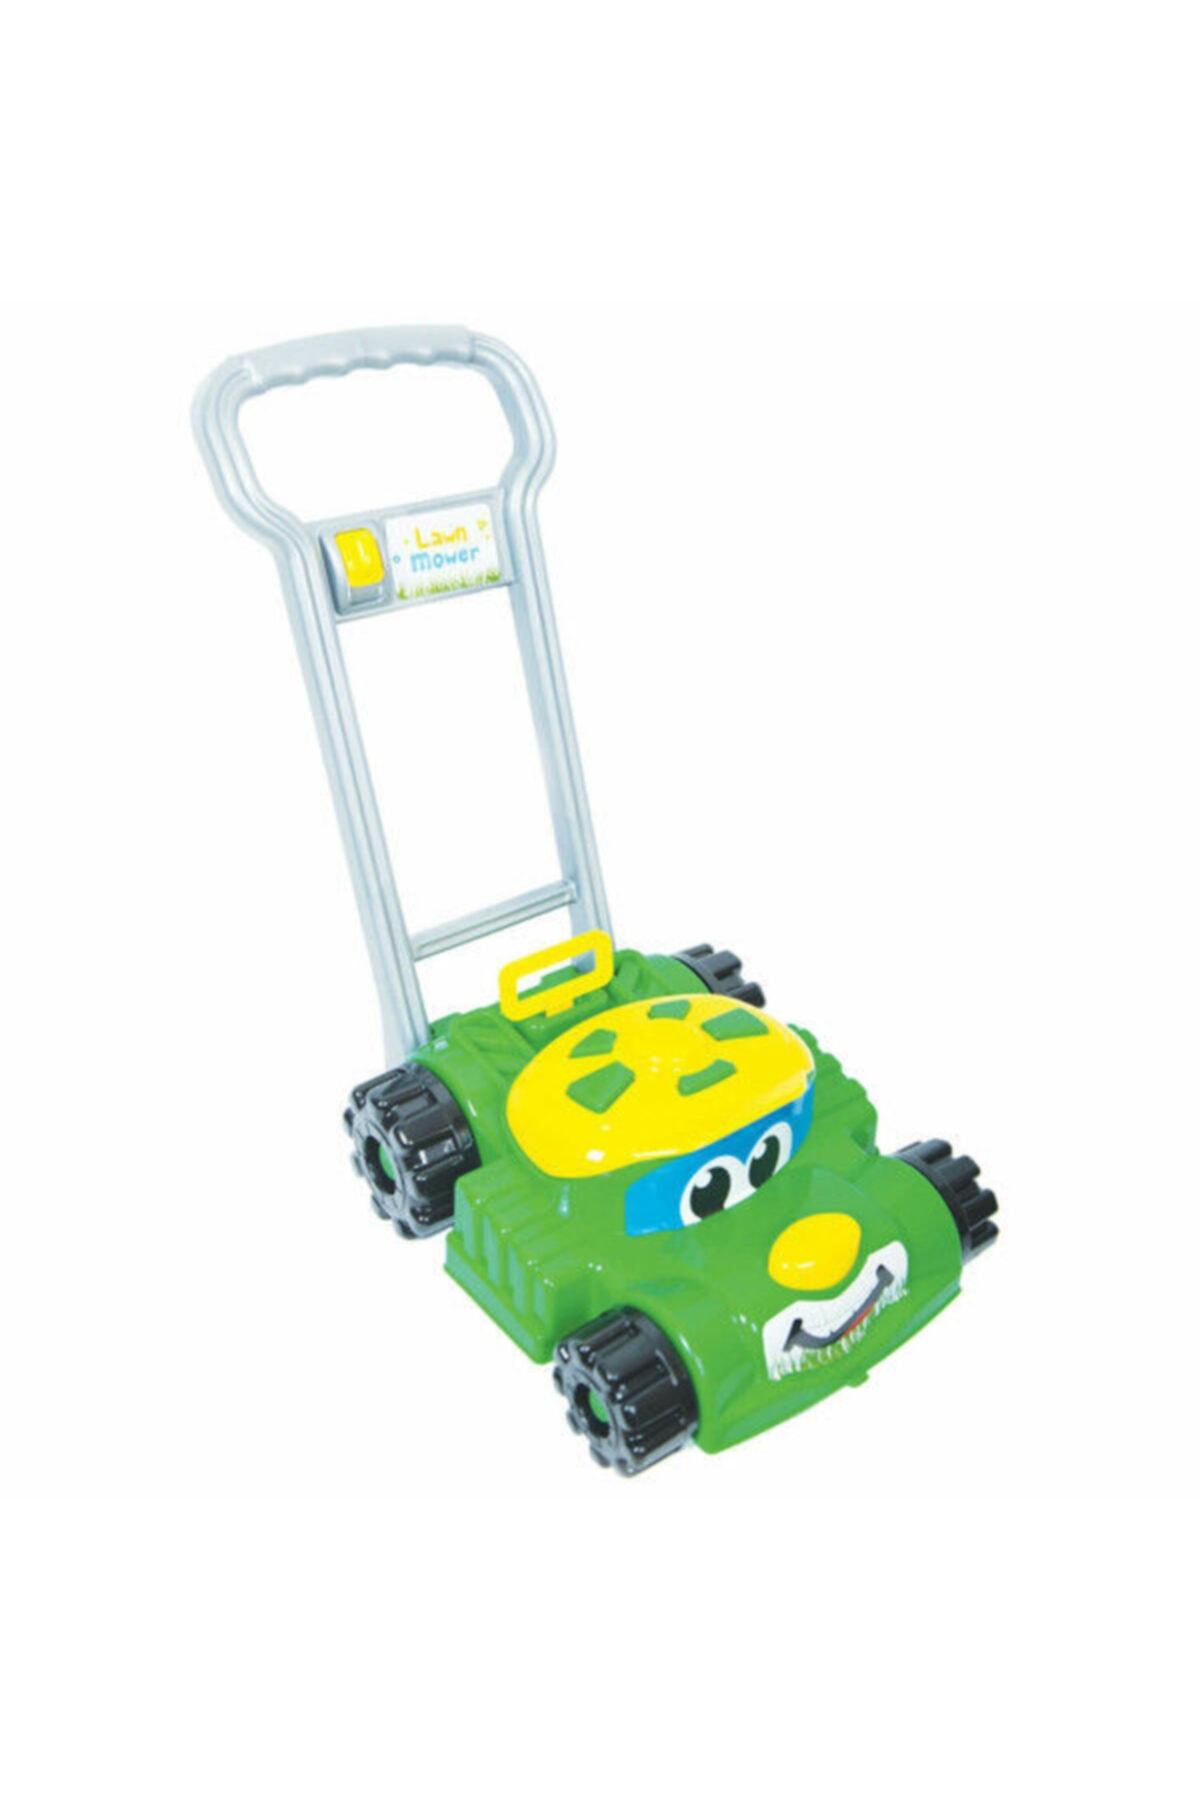 MGS OYUNCAK Role Play Çim Biçme Makinası 1